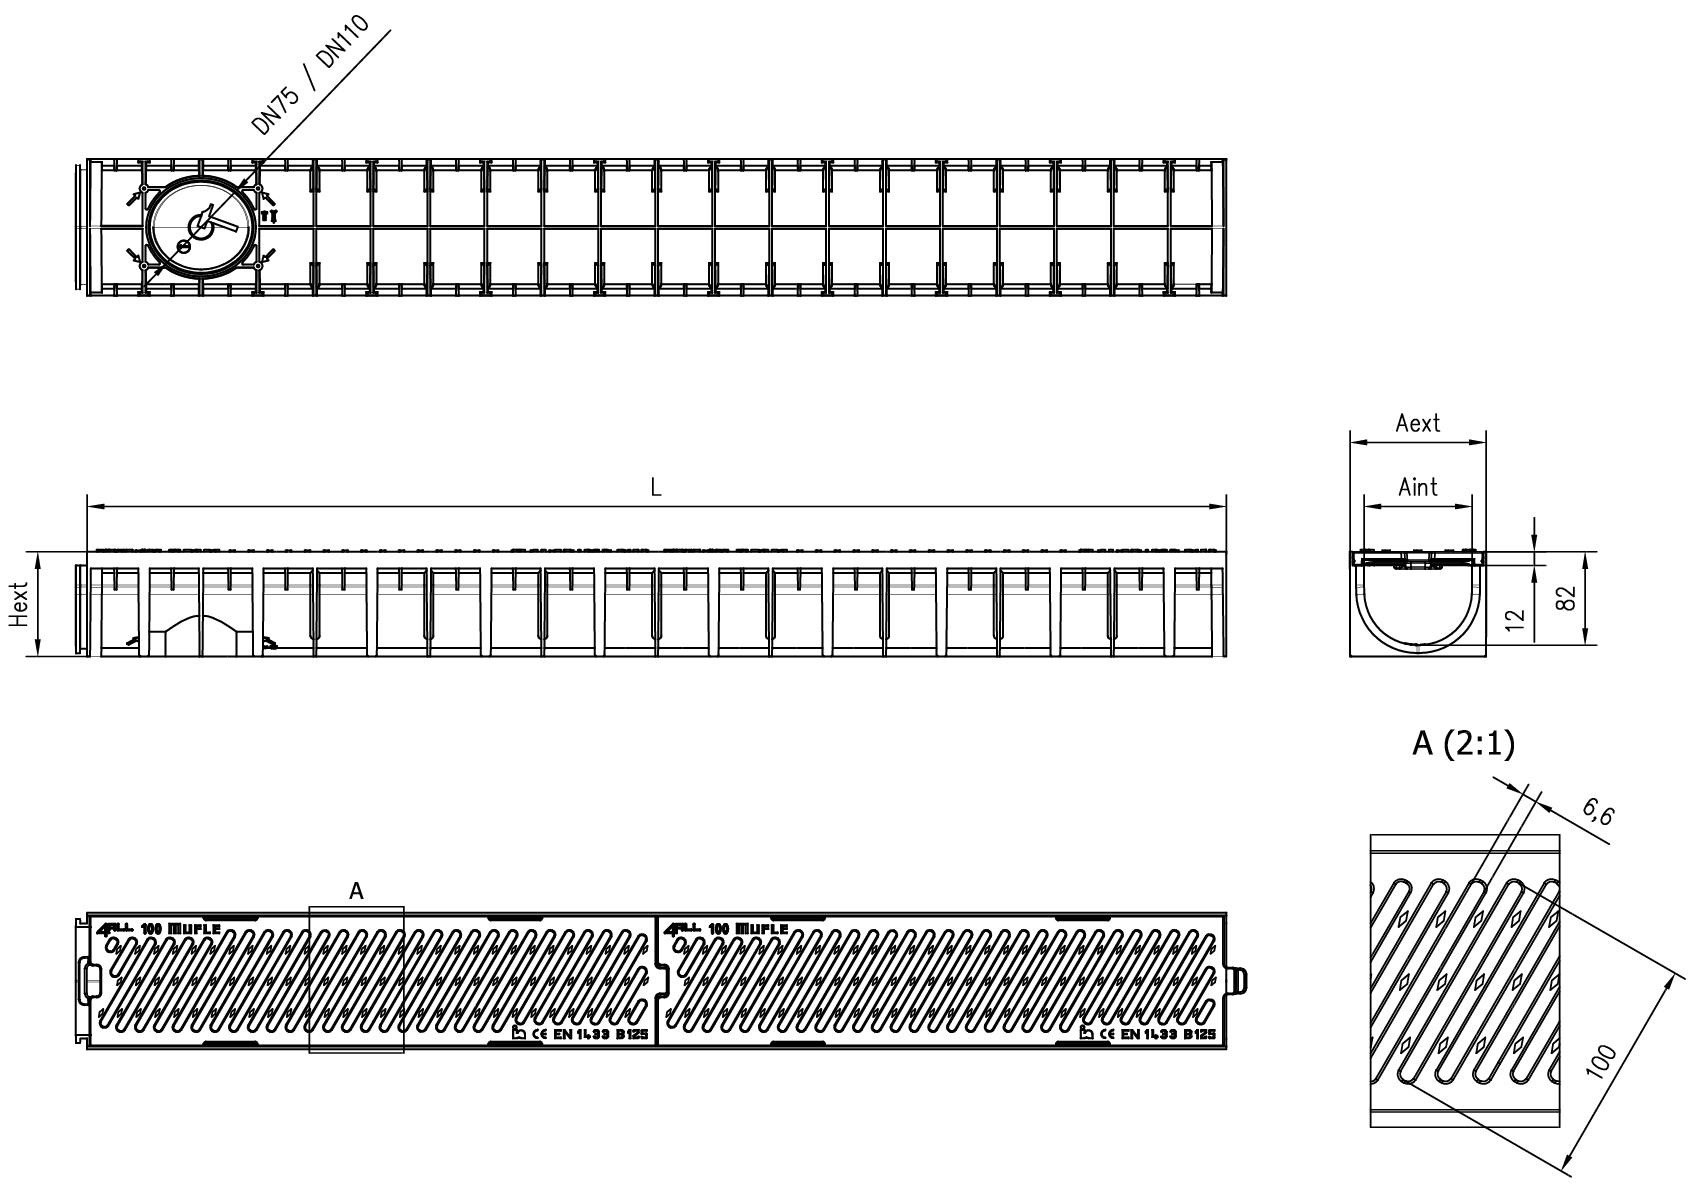 Esquema técnico do canal MUFLE 4ALL H92 em polipropileno preto com grelha passarela em fundição classe de carga B125.